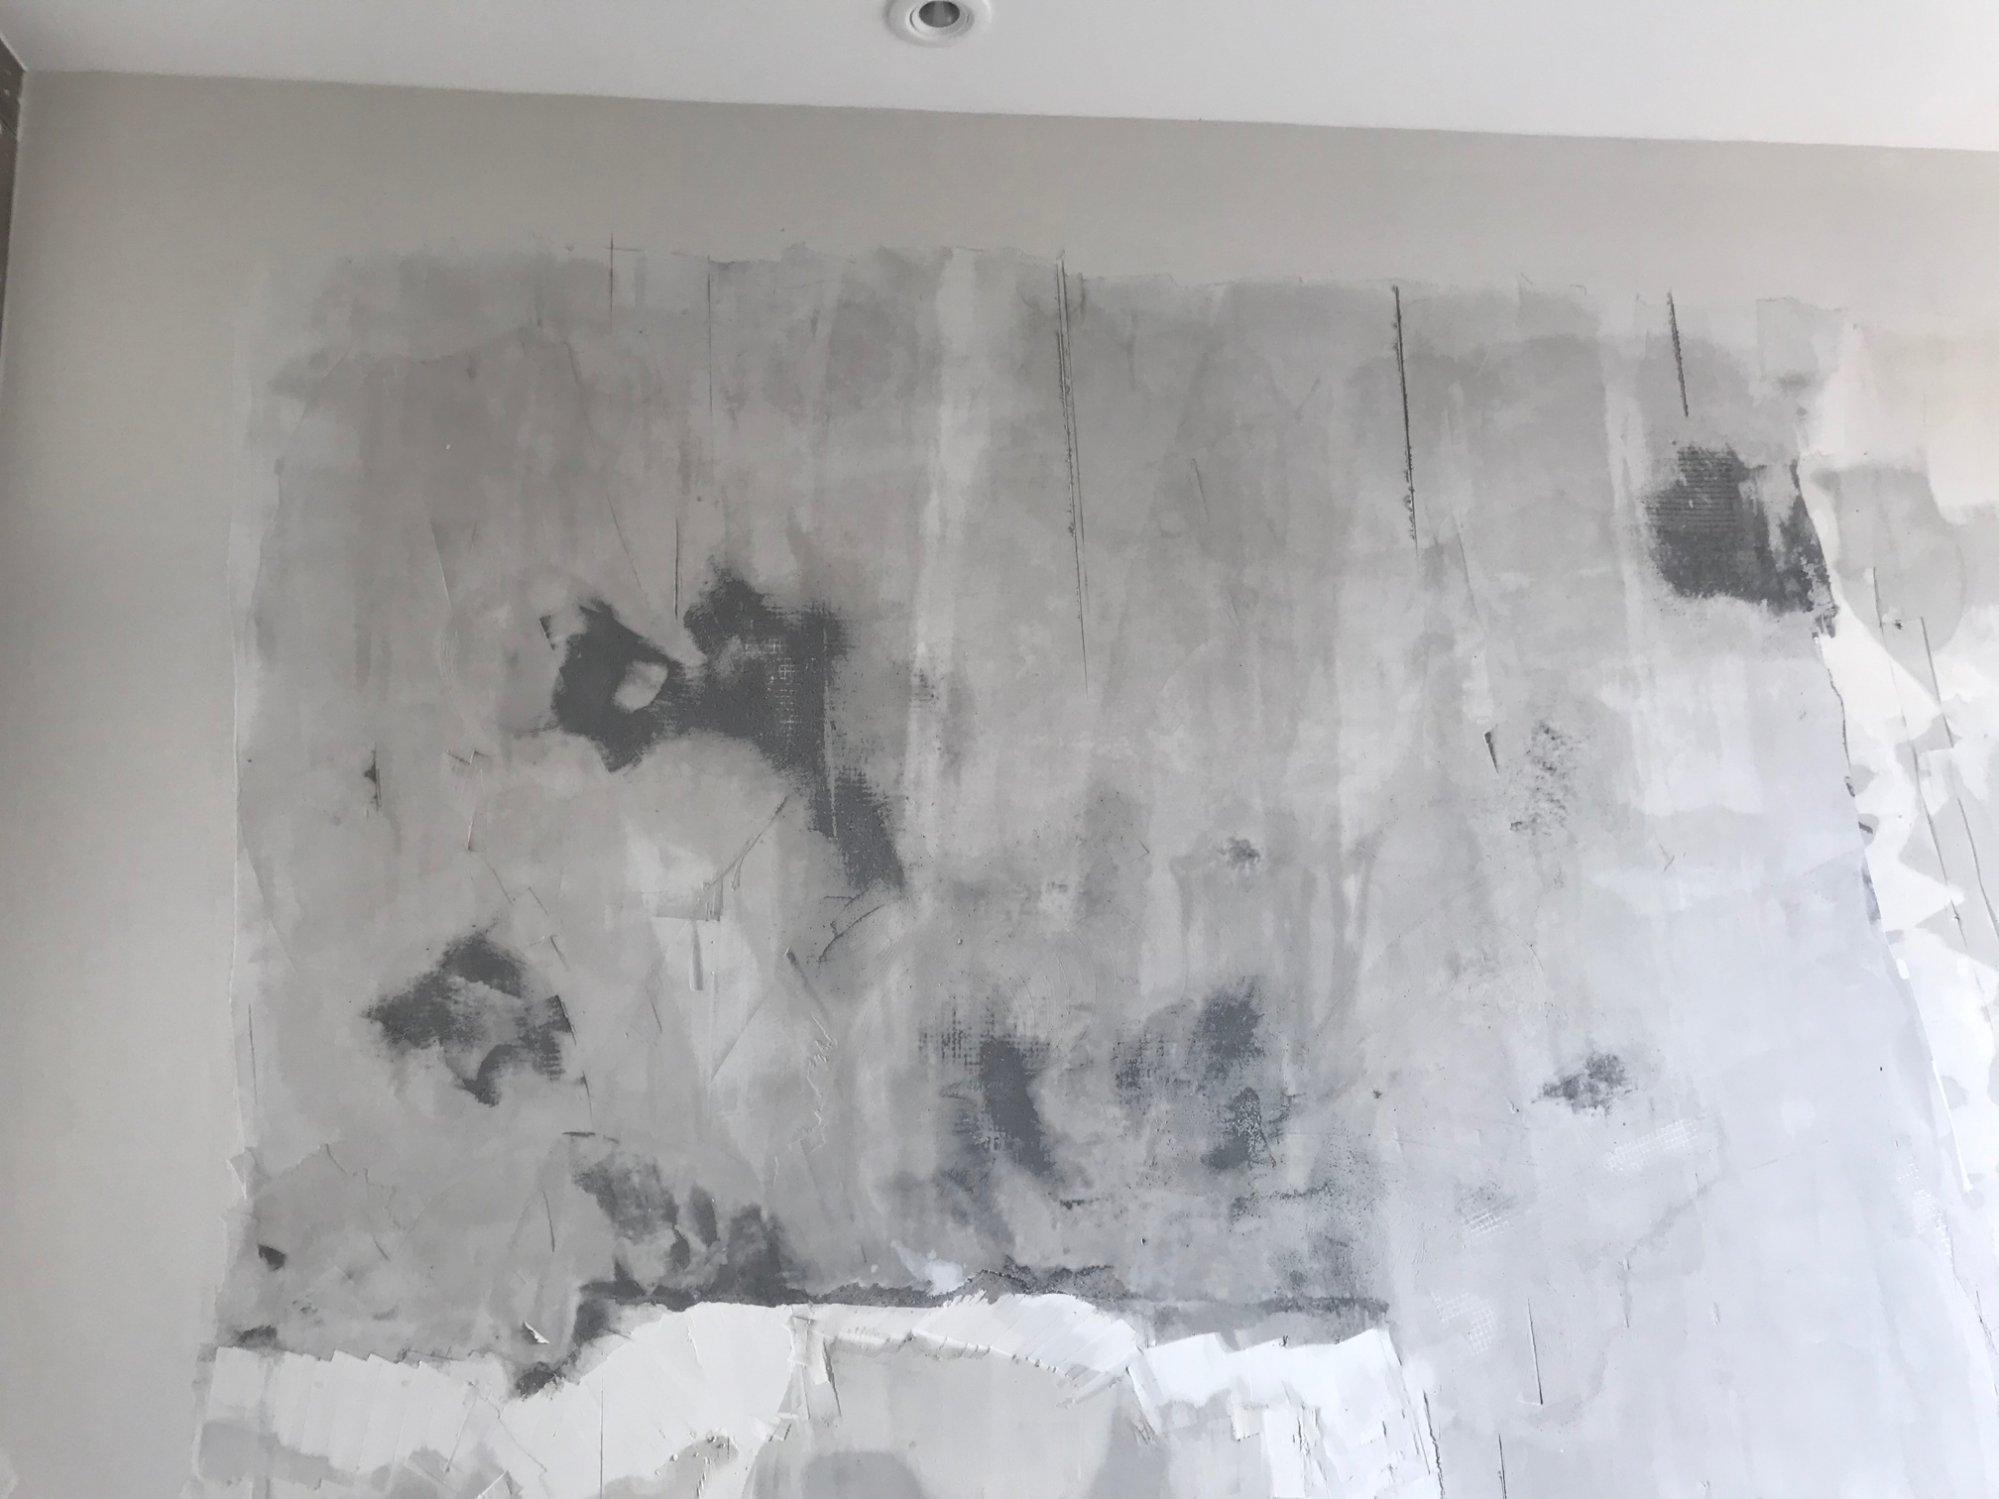 乳胶漆铲除后发现里面发黑,这是不是发霉?